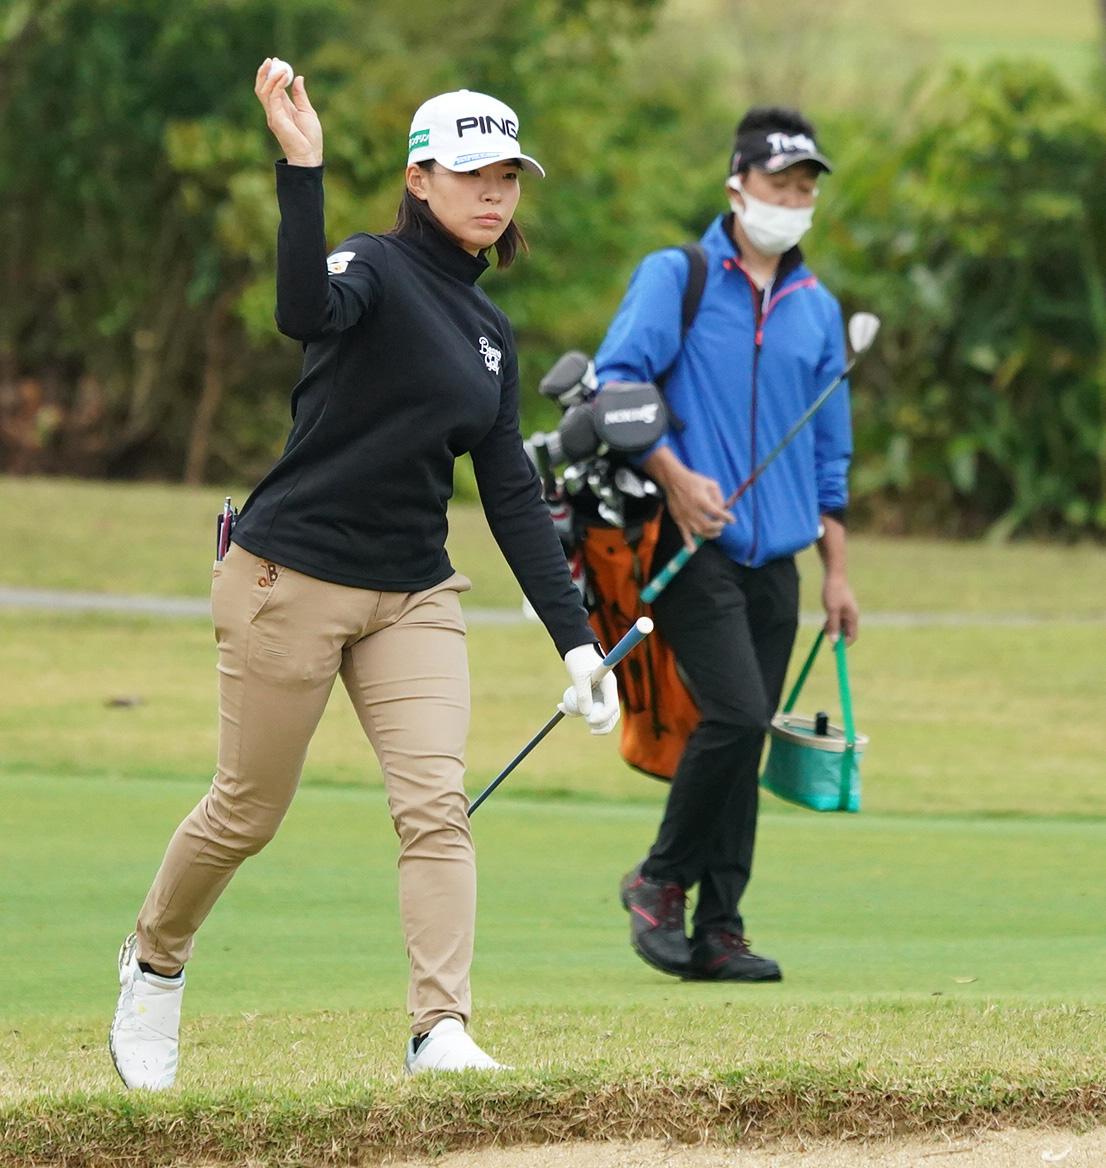 第34回ダイキンオーキッドレディースゴルフトーナメント 練習ラウンドでバンカーに向けボールを投げ込む渋野日向子(撮影・清水貴仁)